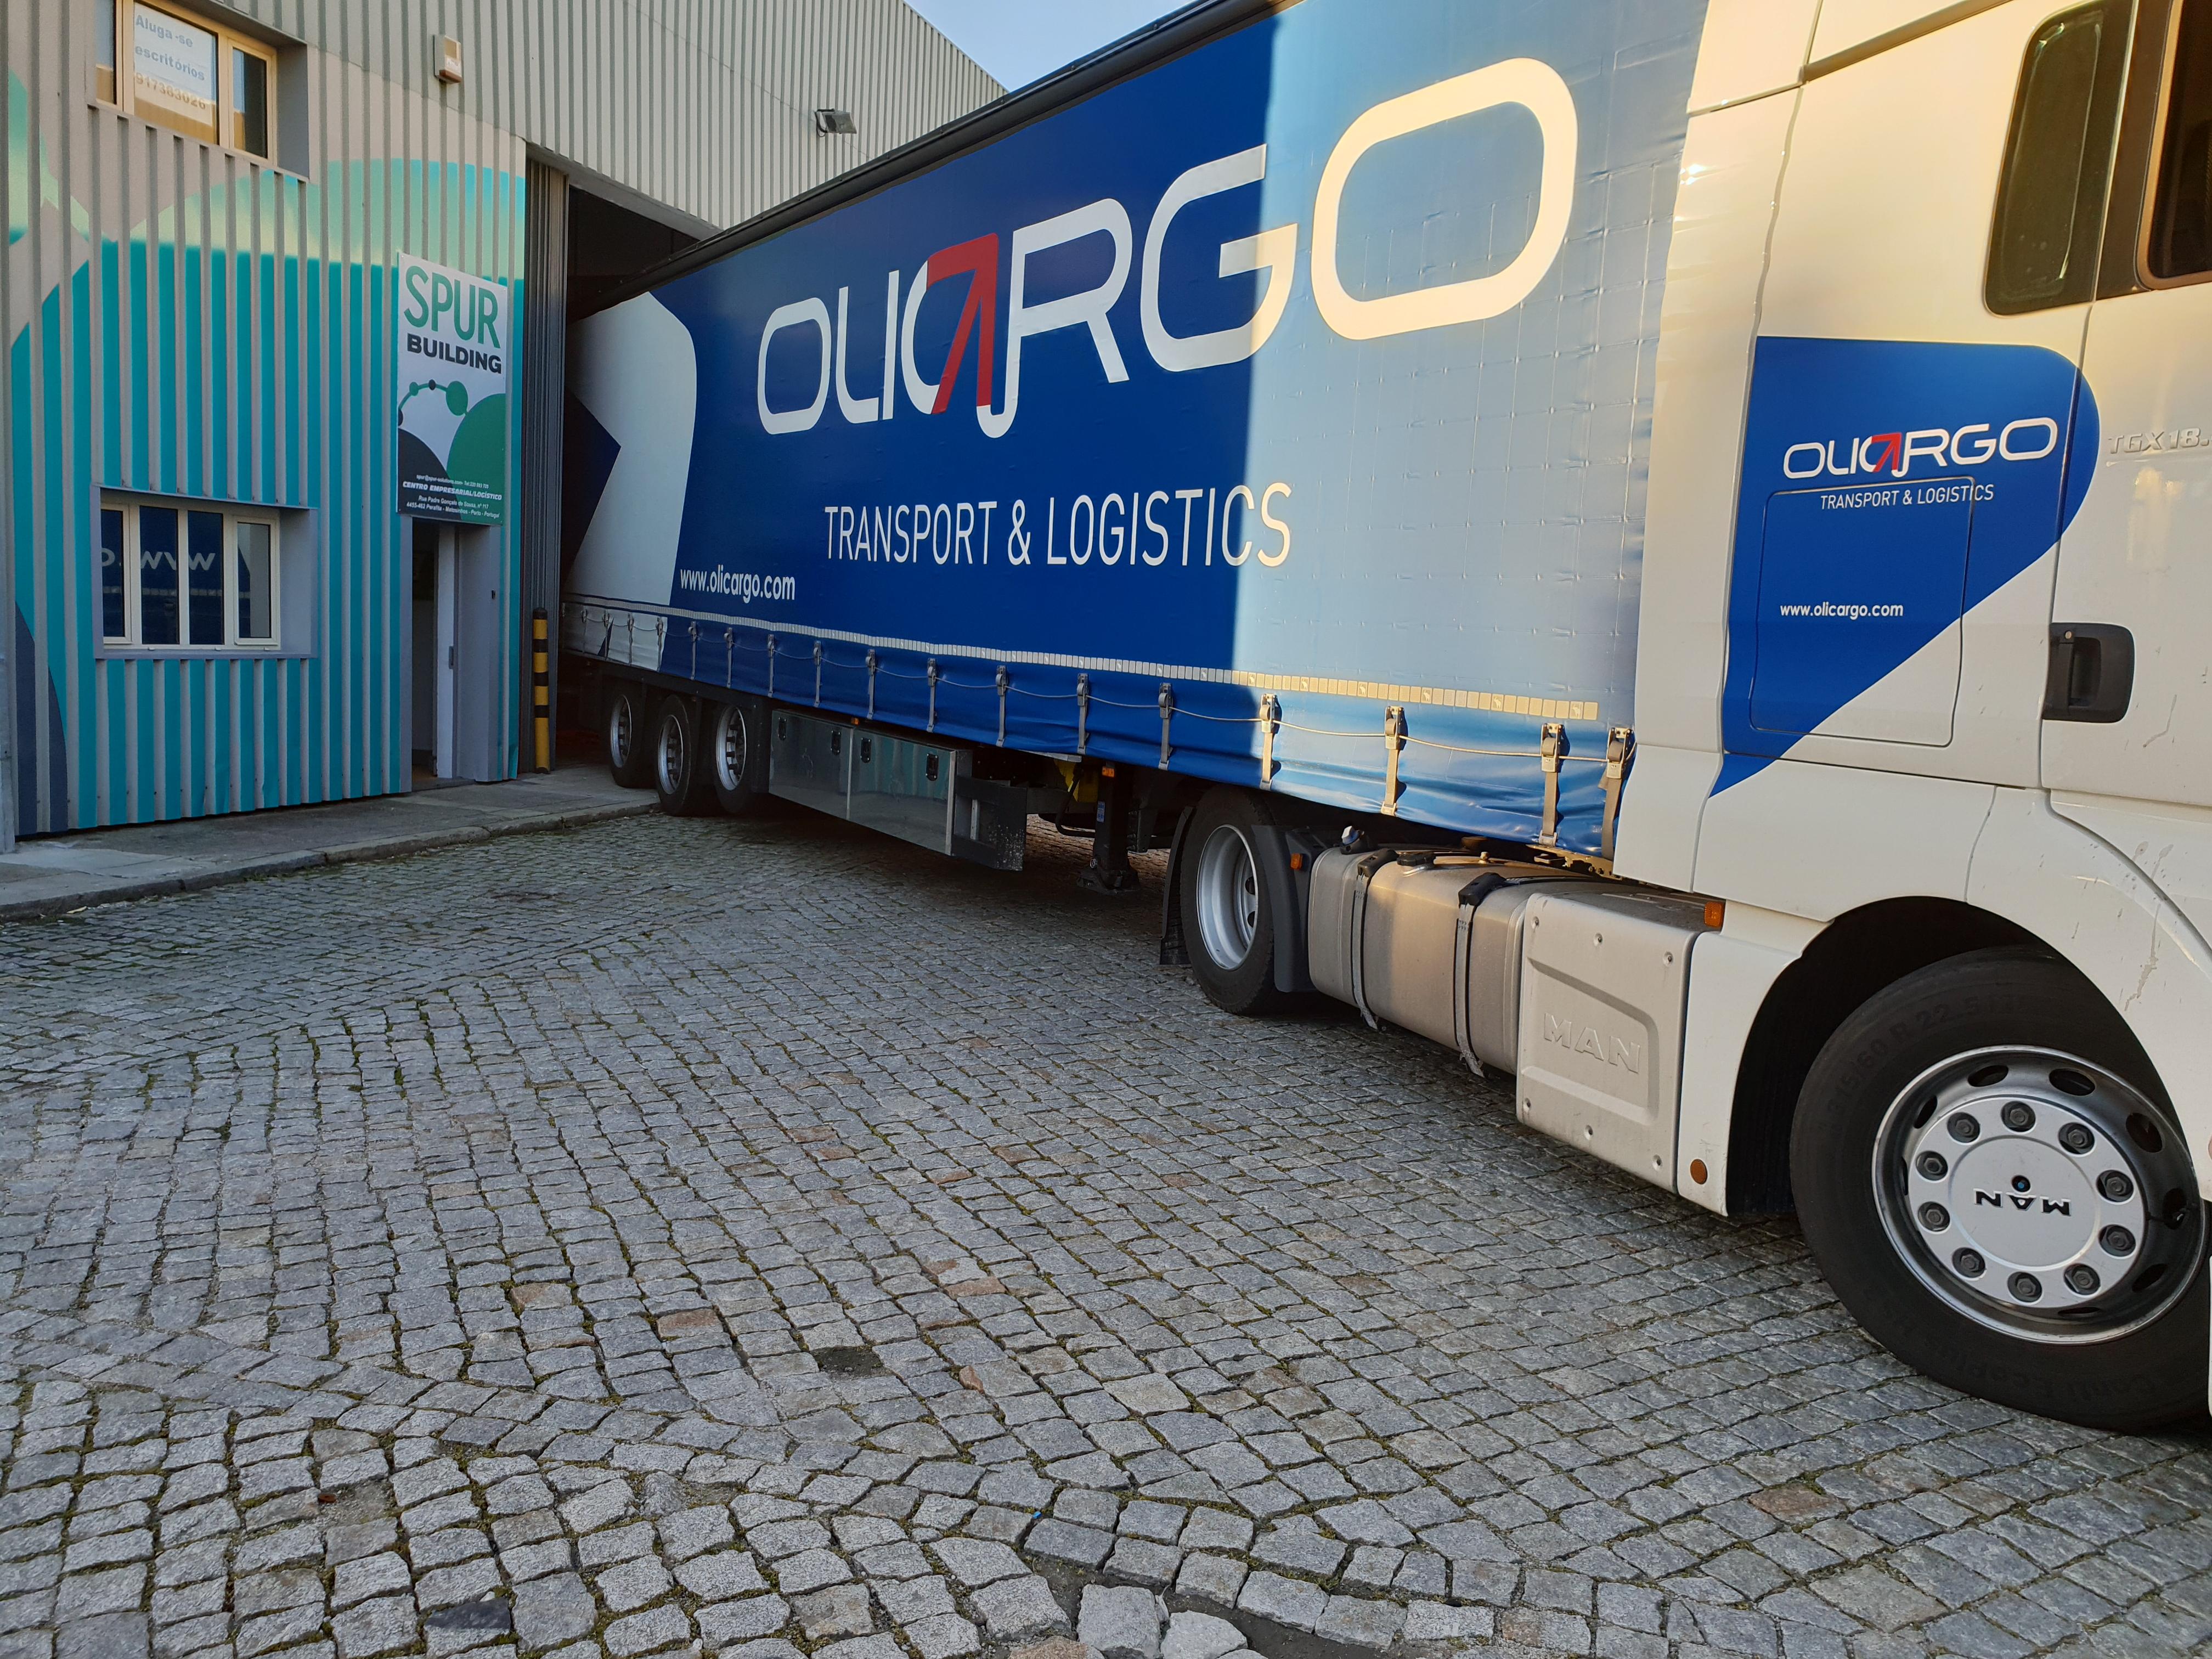 Olicargo e Spur Solutions